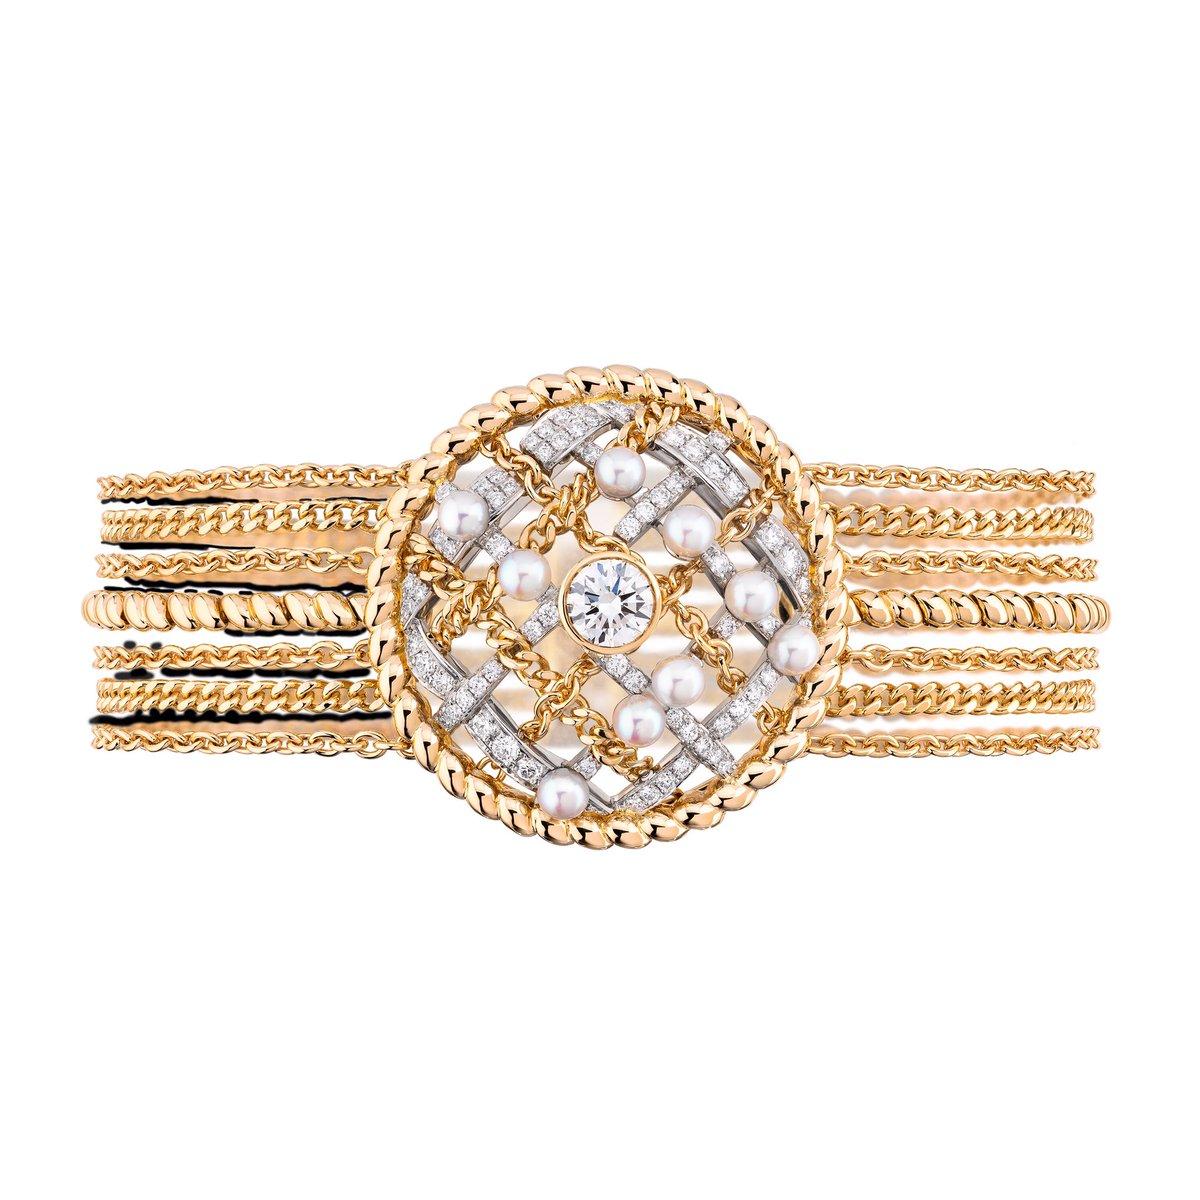 Retour sur la collection Haute Joaillerie TWEED DE #CHANEL présentée en janvier 2020. 📷 Bracelet Tweed Cordage en or jaune #CHANELJoaillerie #TweedDeChanel 👉 https://t.co/HpUumpd1gi #espritdegabrielle https://t.co/ccPDVUQk3F